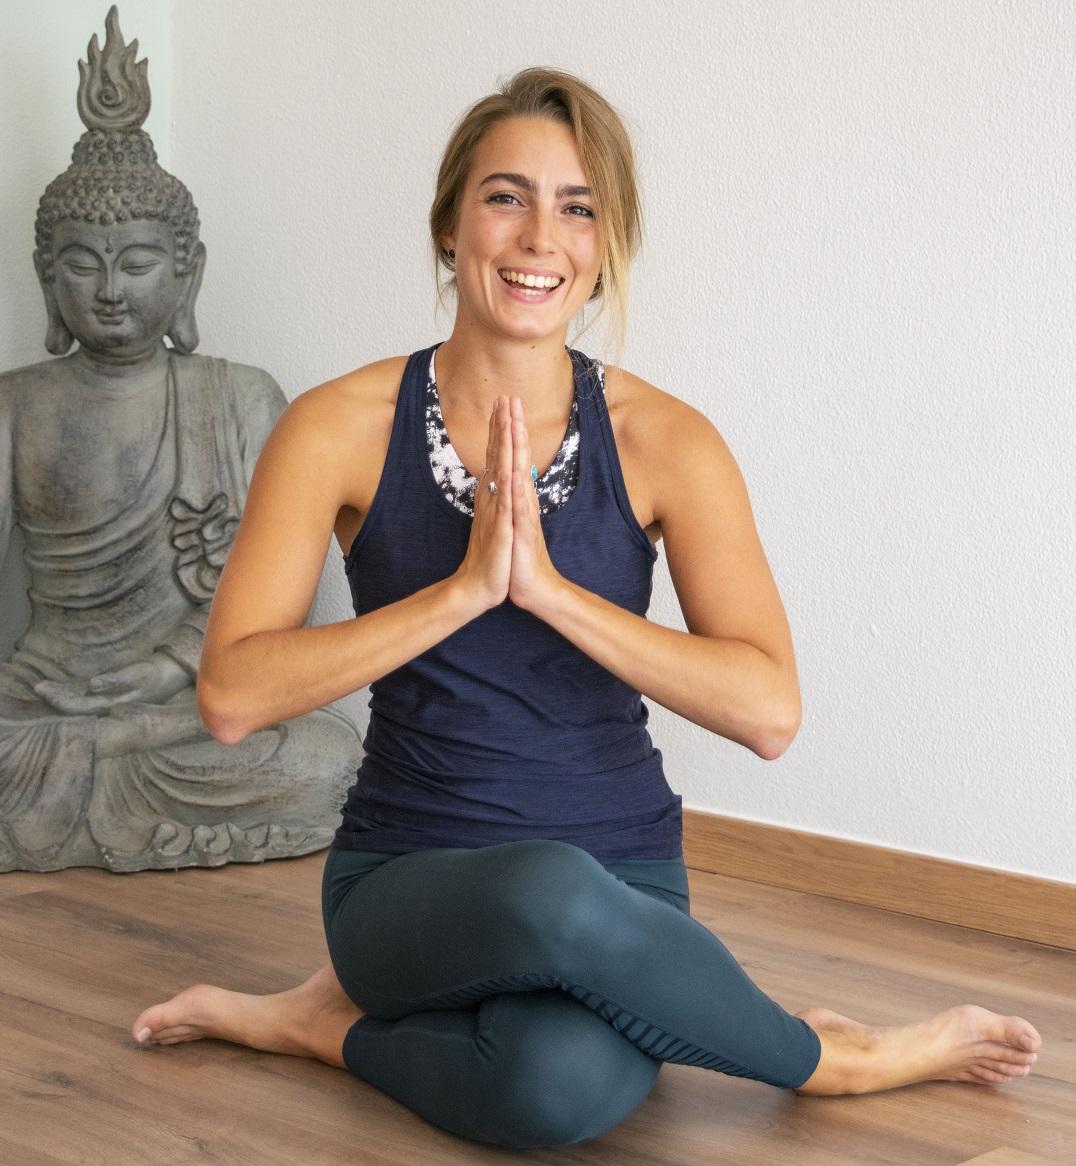 retraite de yoga et développement personnel dans le sud du portugal